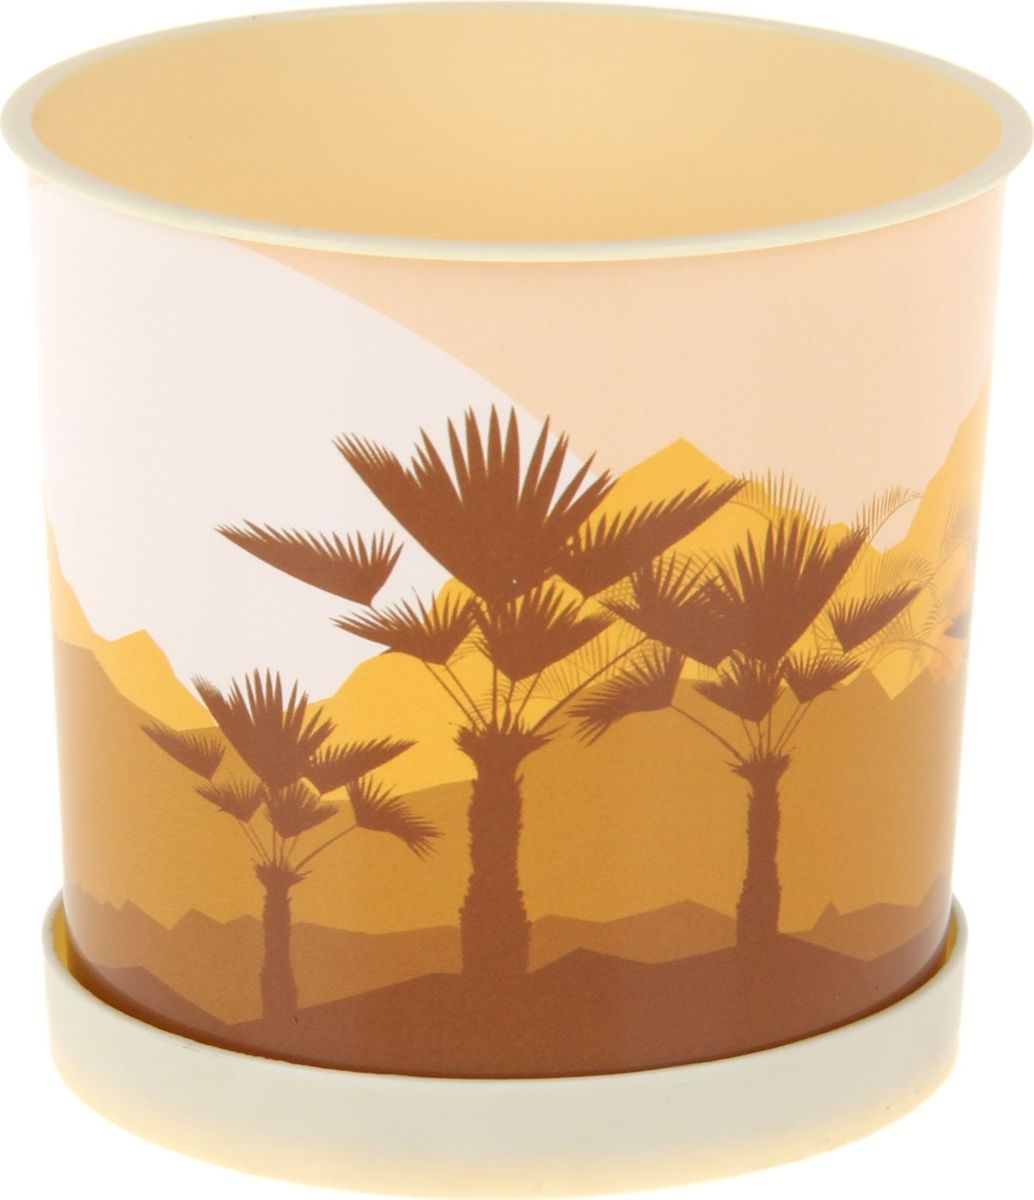 Горшок VesnaDecor Утро в пустыне, для кактусов, с поддоном, 0,4 лC0042416Любой, даже самый современный и продуманный интерьер будет не завершённым без растений. Они не только очищают воздух и насыщают его кислородом, но и заметно украшают окружающее пространство. Такому полезному члену семьи просто необходимо красивое и функциональное кашпо, оригинальный горшок или необычная ваза! Мы предлагаем - Горшок 400 мл для кактусов с поддоном d=8,7 см Утро в пустыне! Оптимальный выбор материала пластмасса! Почему мы так считаем? -Малый вес. С лёгкостью переносите горшки и кашпо с места на место, ставьте их на столики или полки, подвешивайте под потолок, не беспокоясь о нагрузке. -Простота ухода. Пластиковые изделия не нуждаются в специальных условиях хранения. Их легко чистить достаточно просто сполоснуть тёплой водой. -Никаких царапин. Пластиковые кашпо не царапают и не загрязняют поверхности, на которых стоят. -Пластик дольше хранит влагу, а значит растение реже нуждается в поливе. -Пластмасса не пропускает воздух корневой системе растения не грозят резкие перепады температур. -Огромный выбор форм, декора и расцветок вы без труда подберёте что-то, что идеально впишется в уже существующий интерьер. Соблюдая нехитрые правила ухода, вы можете заметно продлить срок службы горшков, вазонов и кашпо из пластика: -всегда учитывайте размер кроны и корневой системы растения (при разрастании большое растение способно повредить маленький горшок)-берегите изделие от воздействия прямых солнечных лучей, чтобы кашпо и горшки не выцветали-держите кашпо и горшки из пластика подальше от нагревающихся поверхностей. Создавайте прекрасные цветочные композиции, выращивайте рассаду или необычные растения, а низкие цены позволят вам не ограничивать себя в выборе.